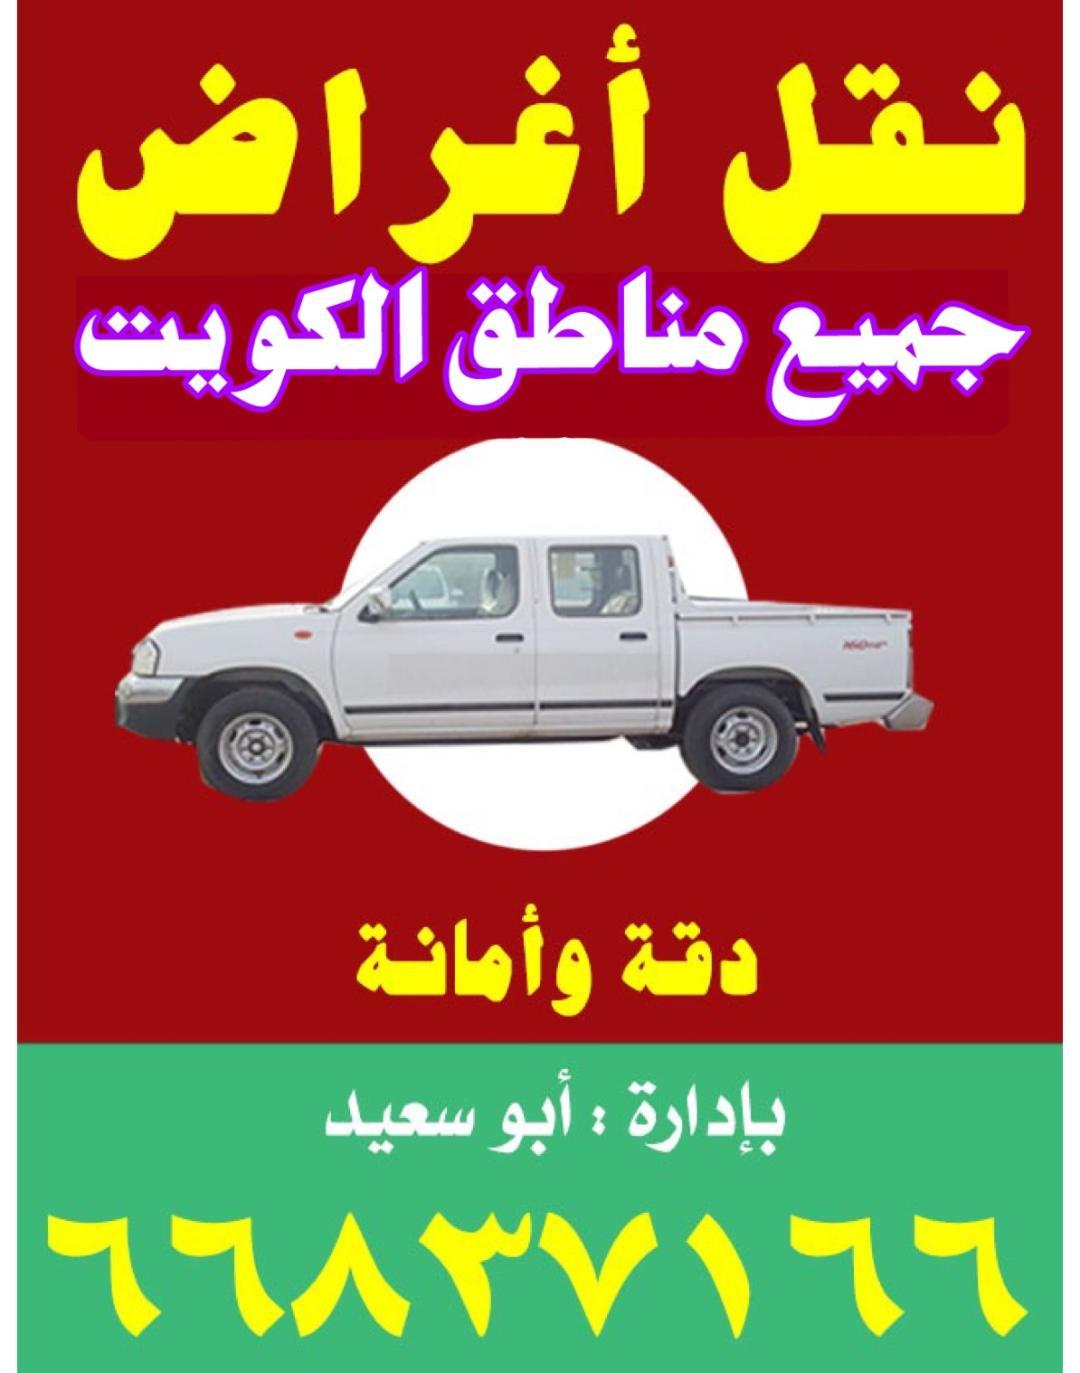 نقل اغراض جميع مناطق الكويت دقة وامانة ادارة ابوسعيد 66837166